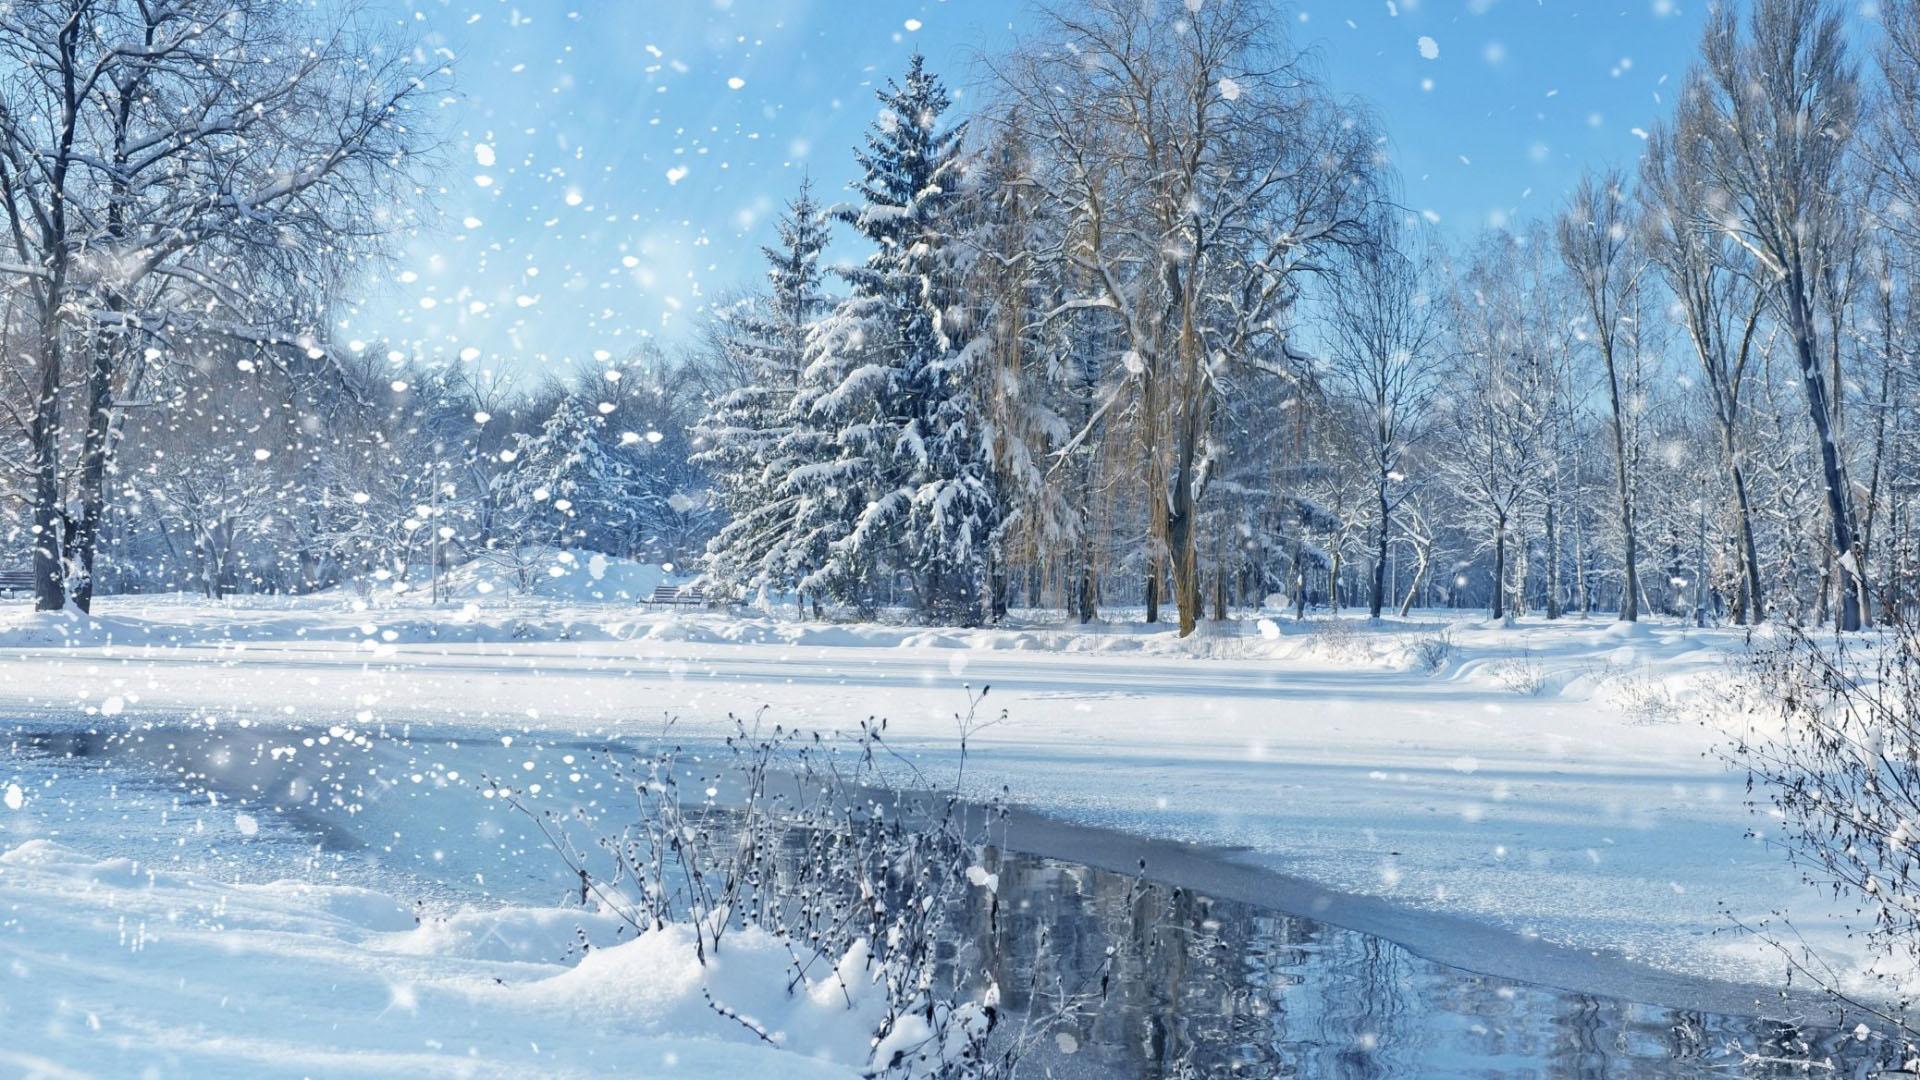 Hình nền mùa đông đẹp và độc